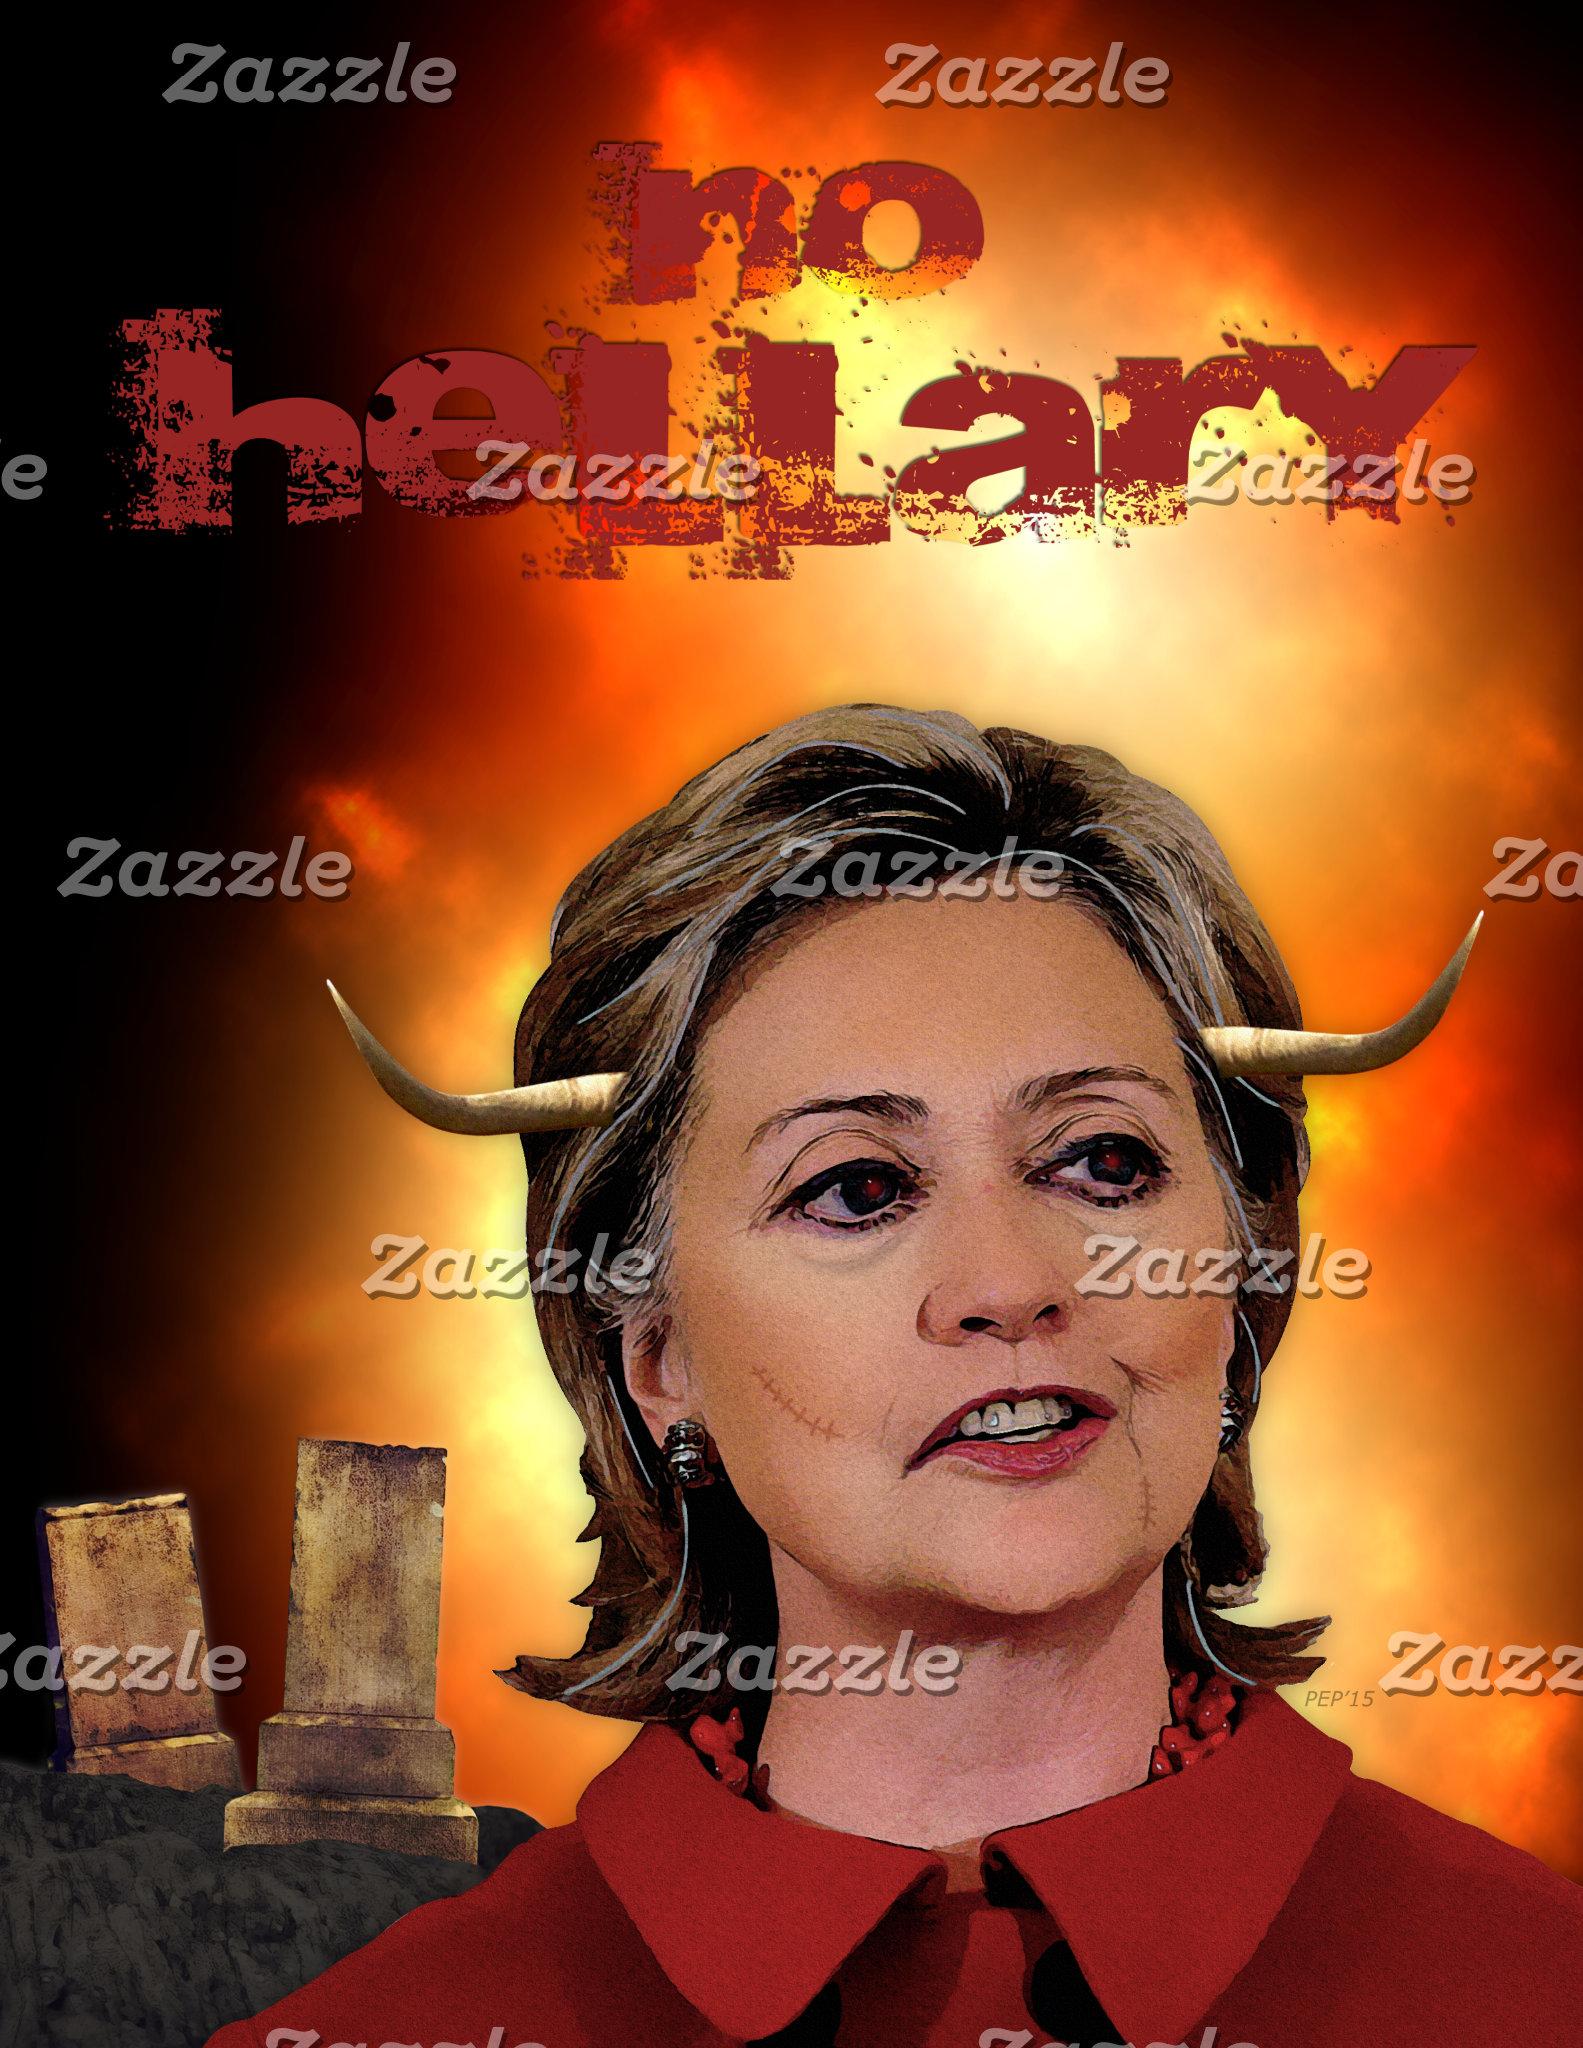 No Hellary Clinton